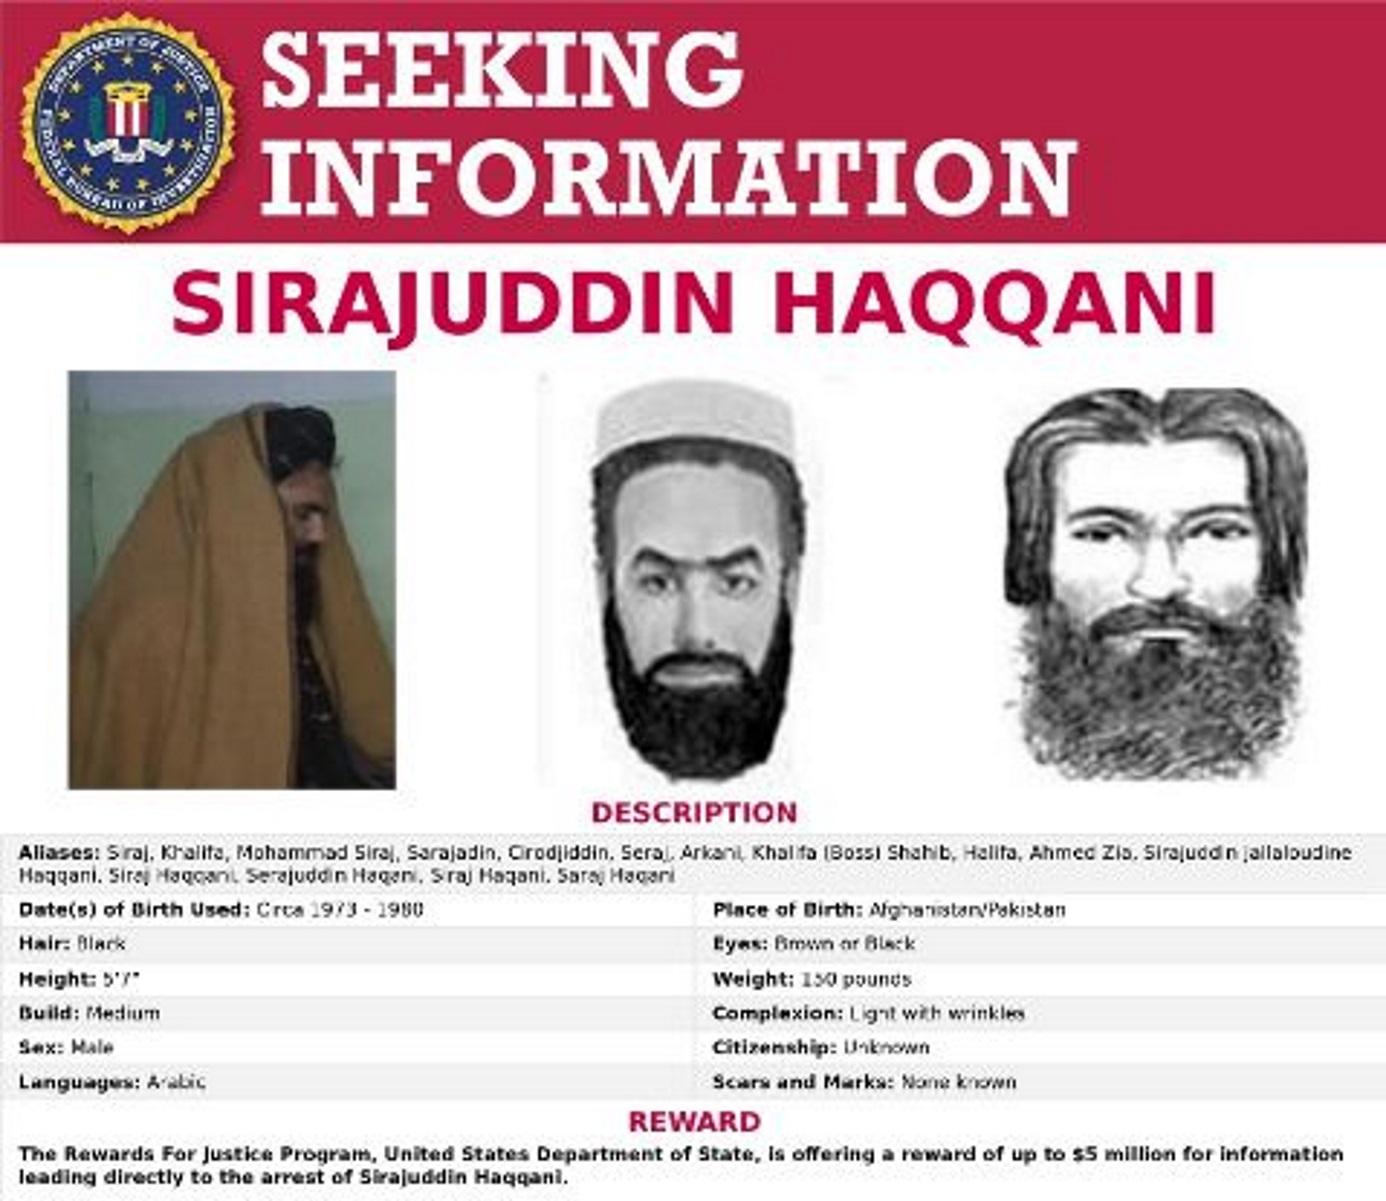 Δίκτυο Χακάνι: Οι επικηρυγμένοι τρομοκράτες στα «ηνία» της εξουσίας στο Αφγανιστάν